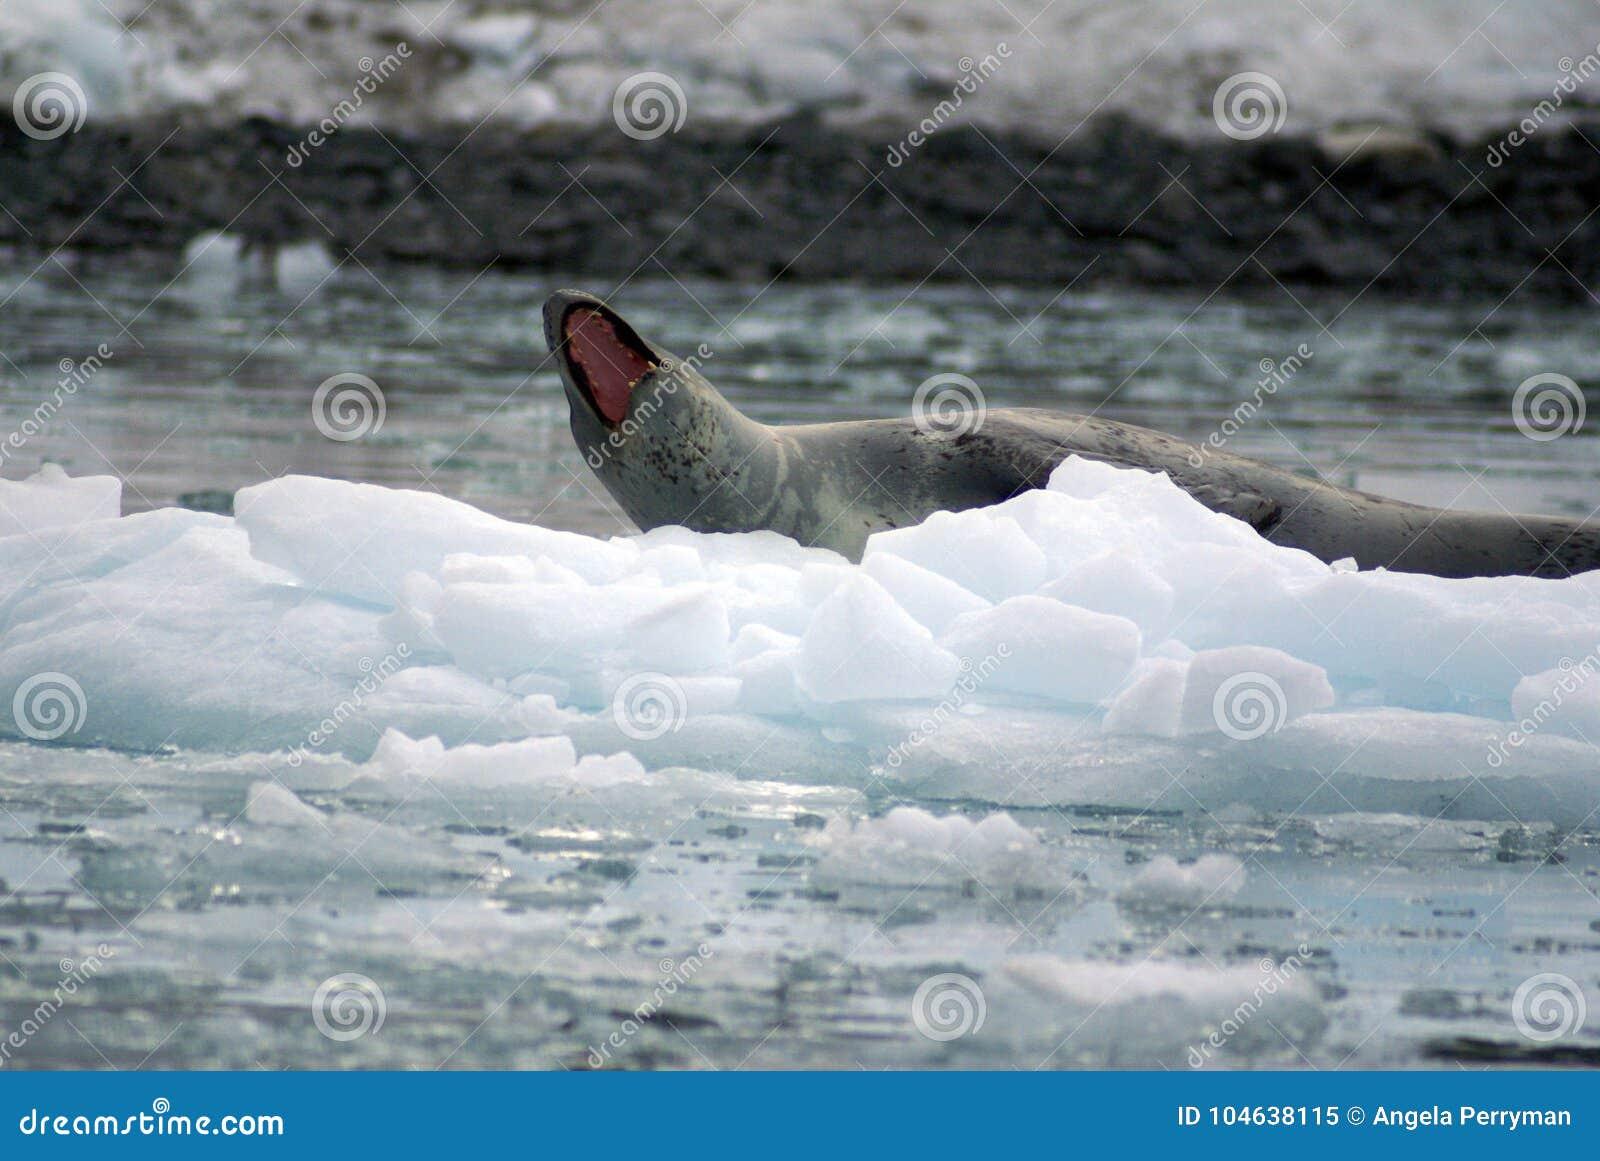 Download Luipaardverbinding Op Een Ijsberg Stock Afbeelding - Afbeelding bestaande uit frigid, climbing: 104638115